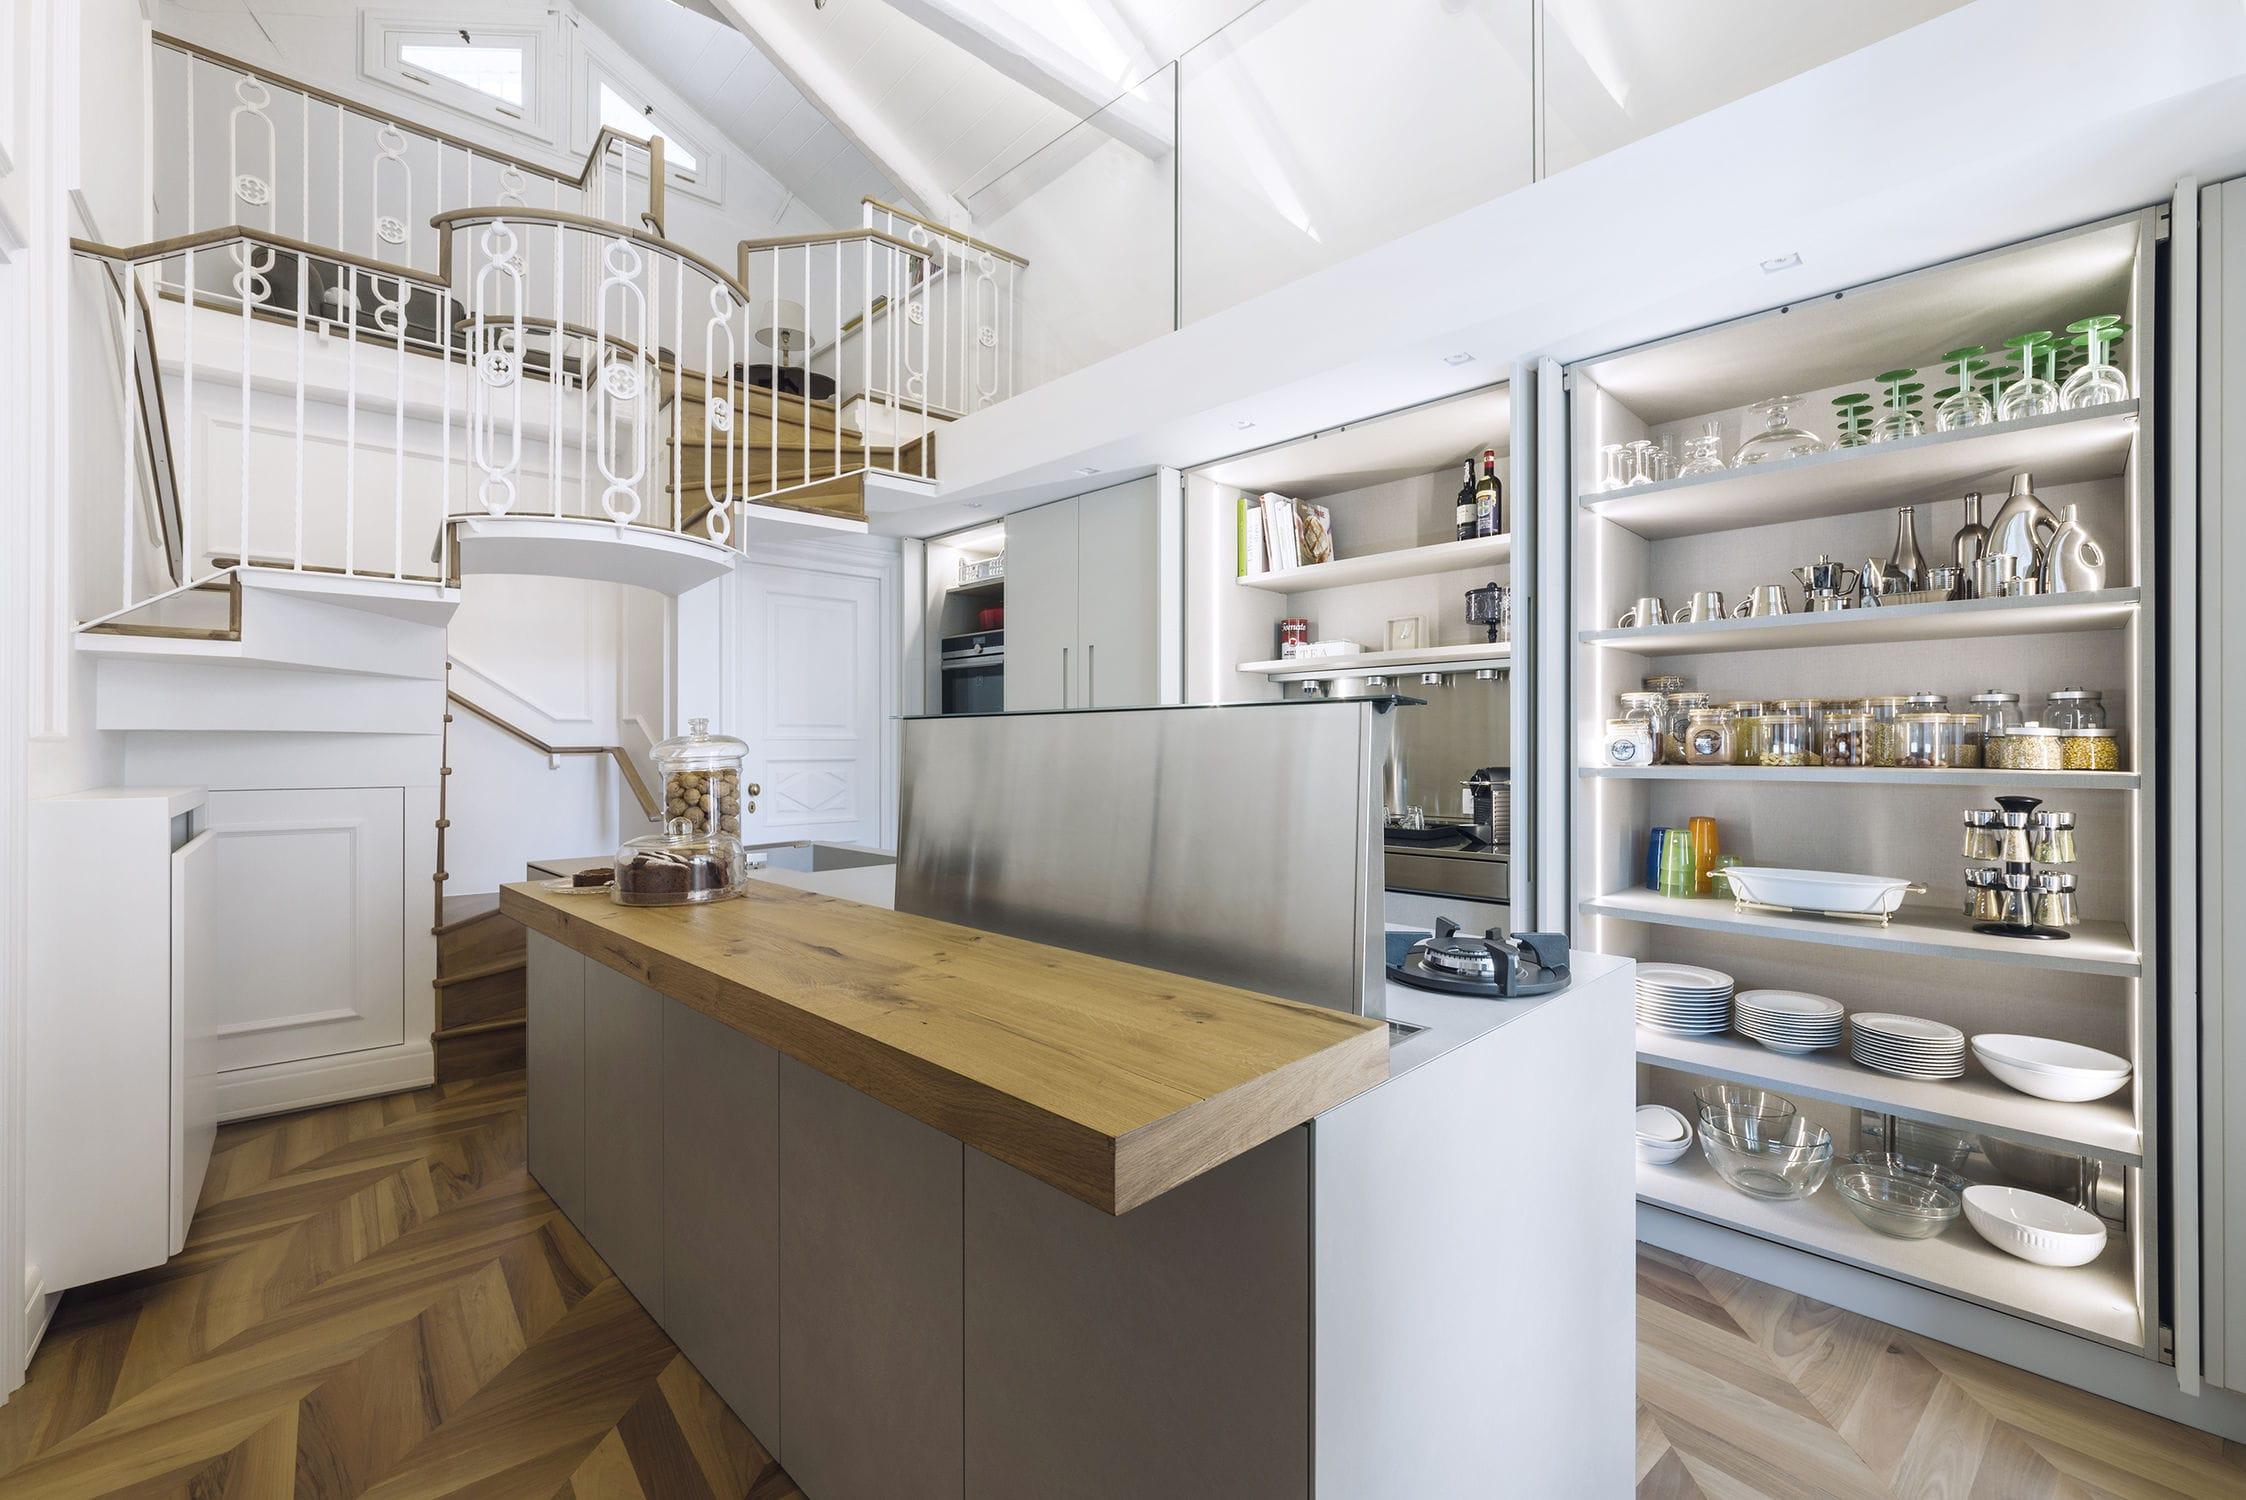 Gres Porcellanato Cucina Moderna.Cucina Moderna In Legno Laccato In Gres Porcellanato